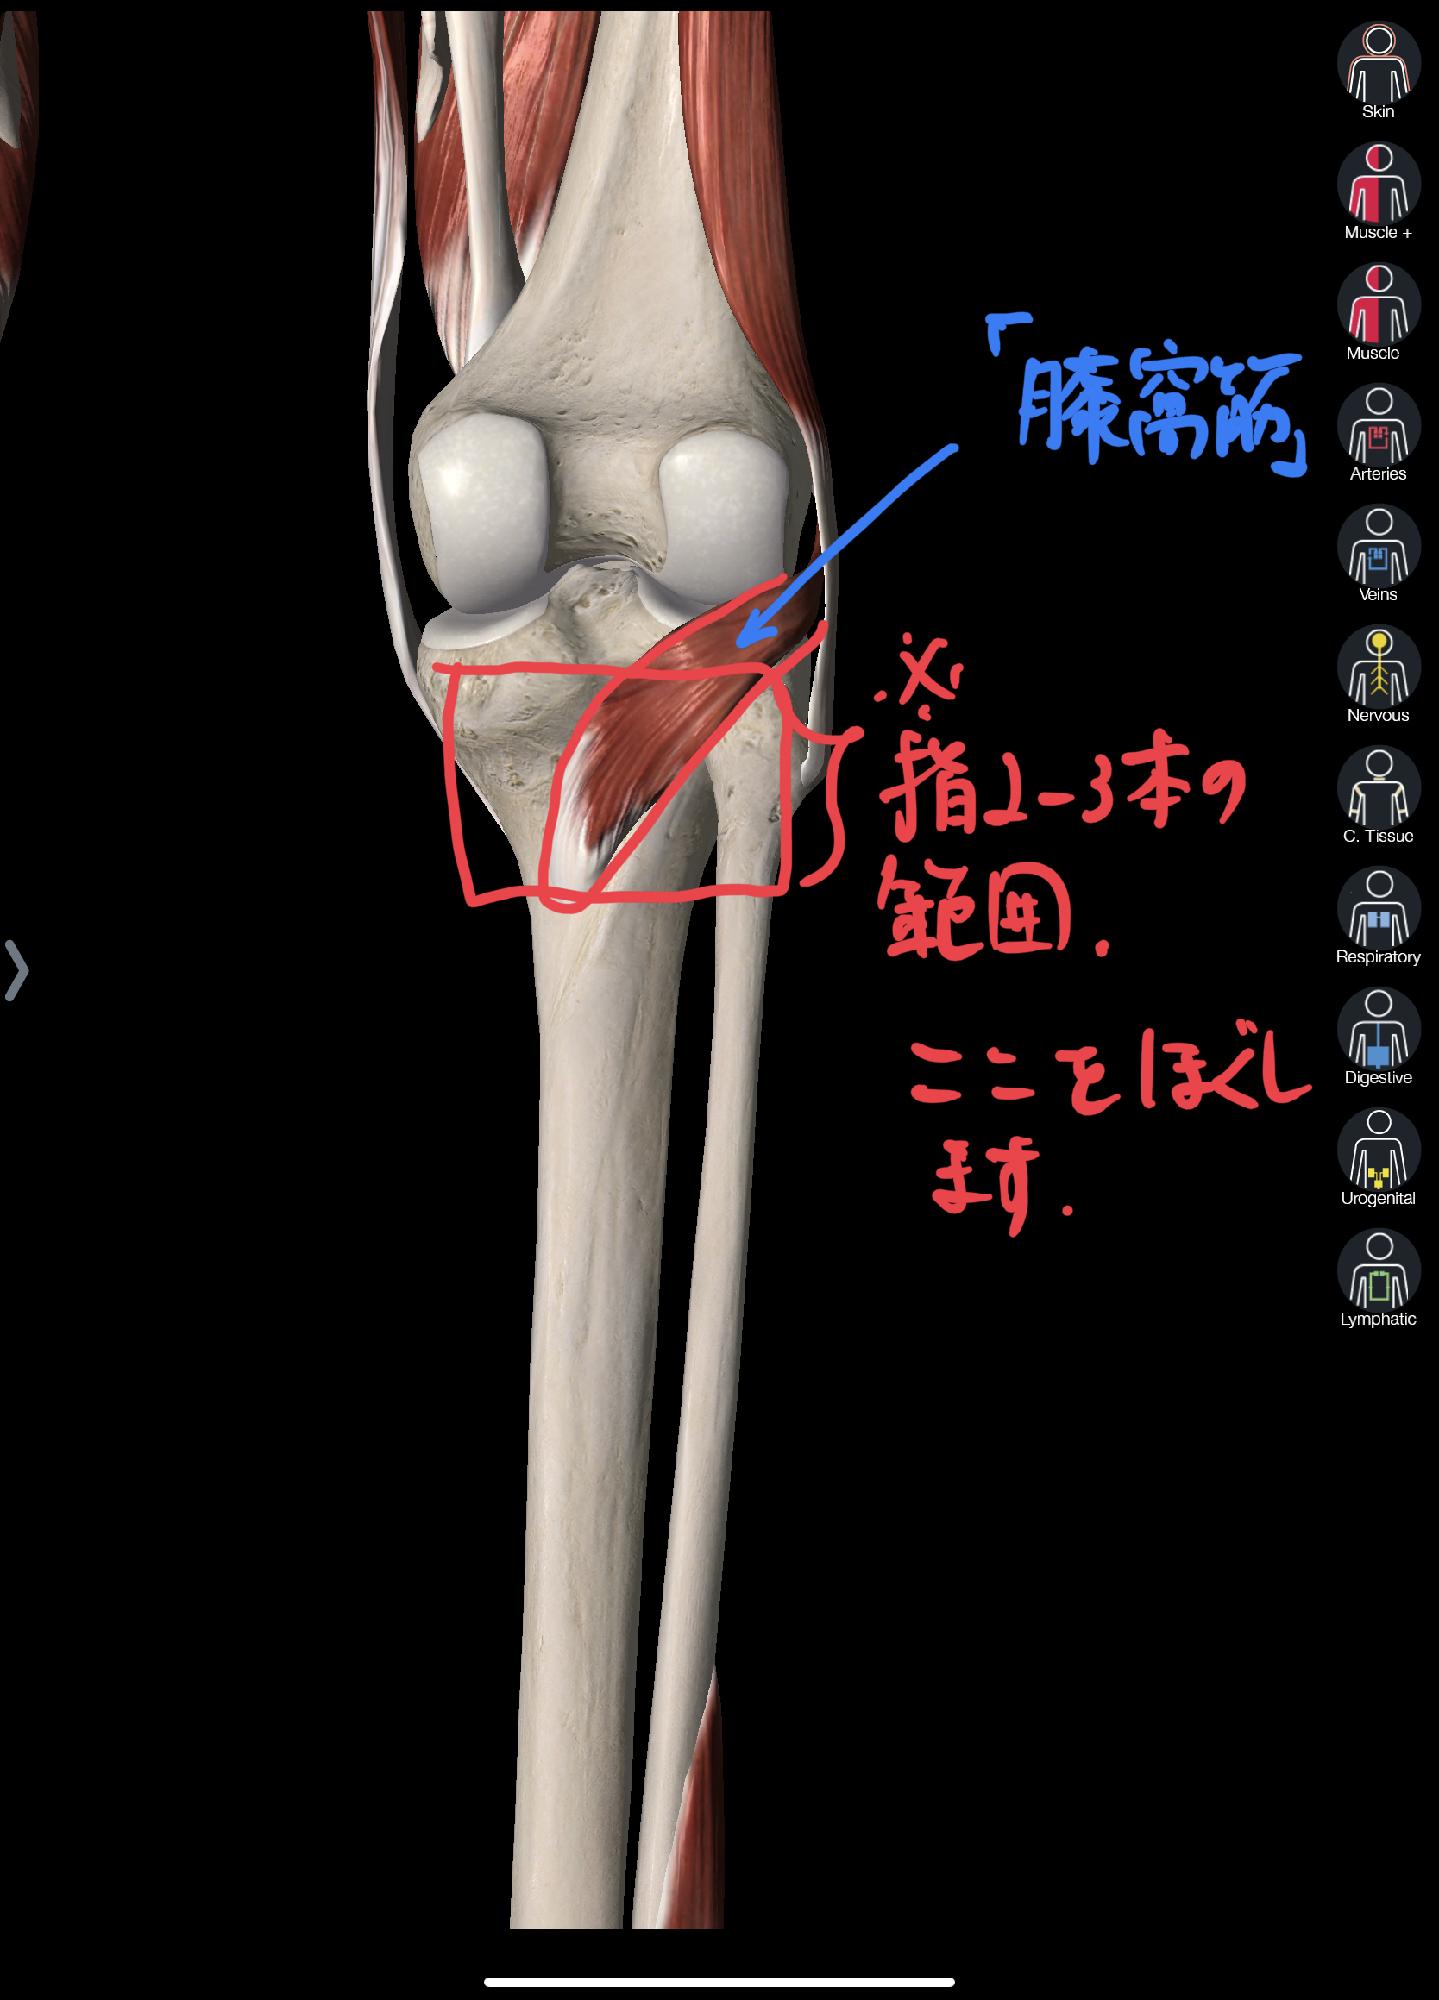 痛い 膝 原因 内側 が の